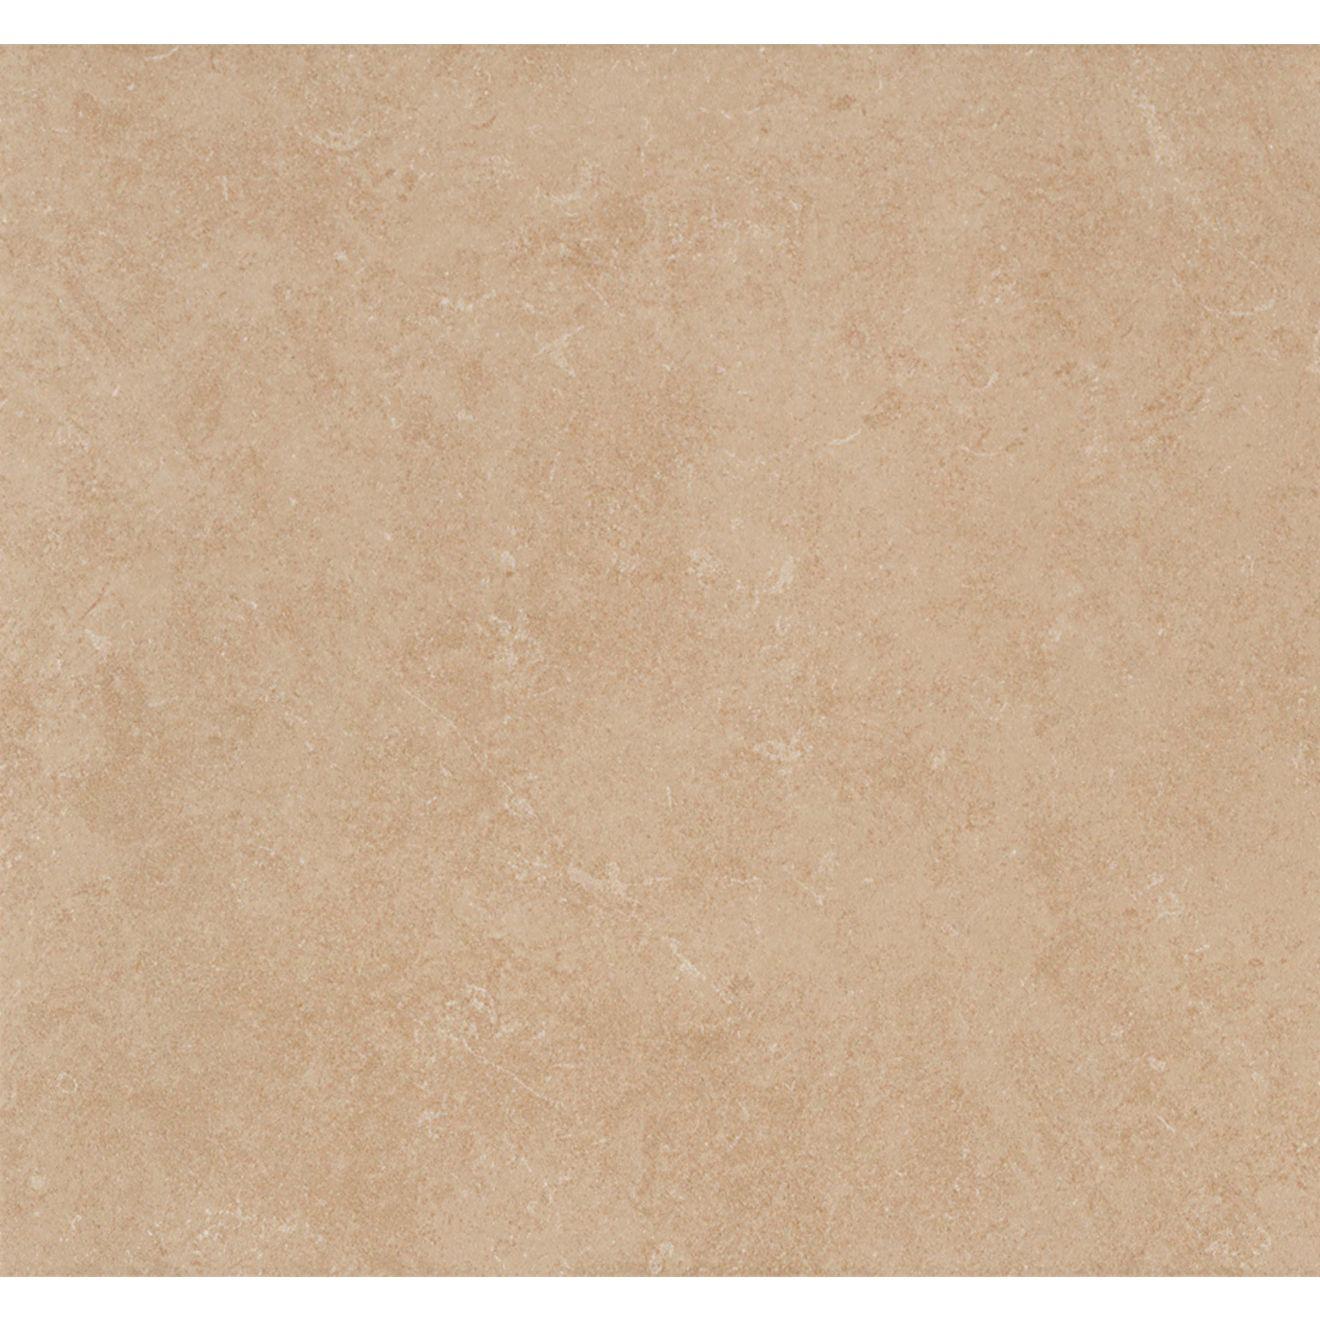 """Ararat 12""""x12"""" Porcelain Floor & Wall Tile in Beige"""